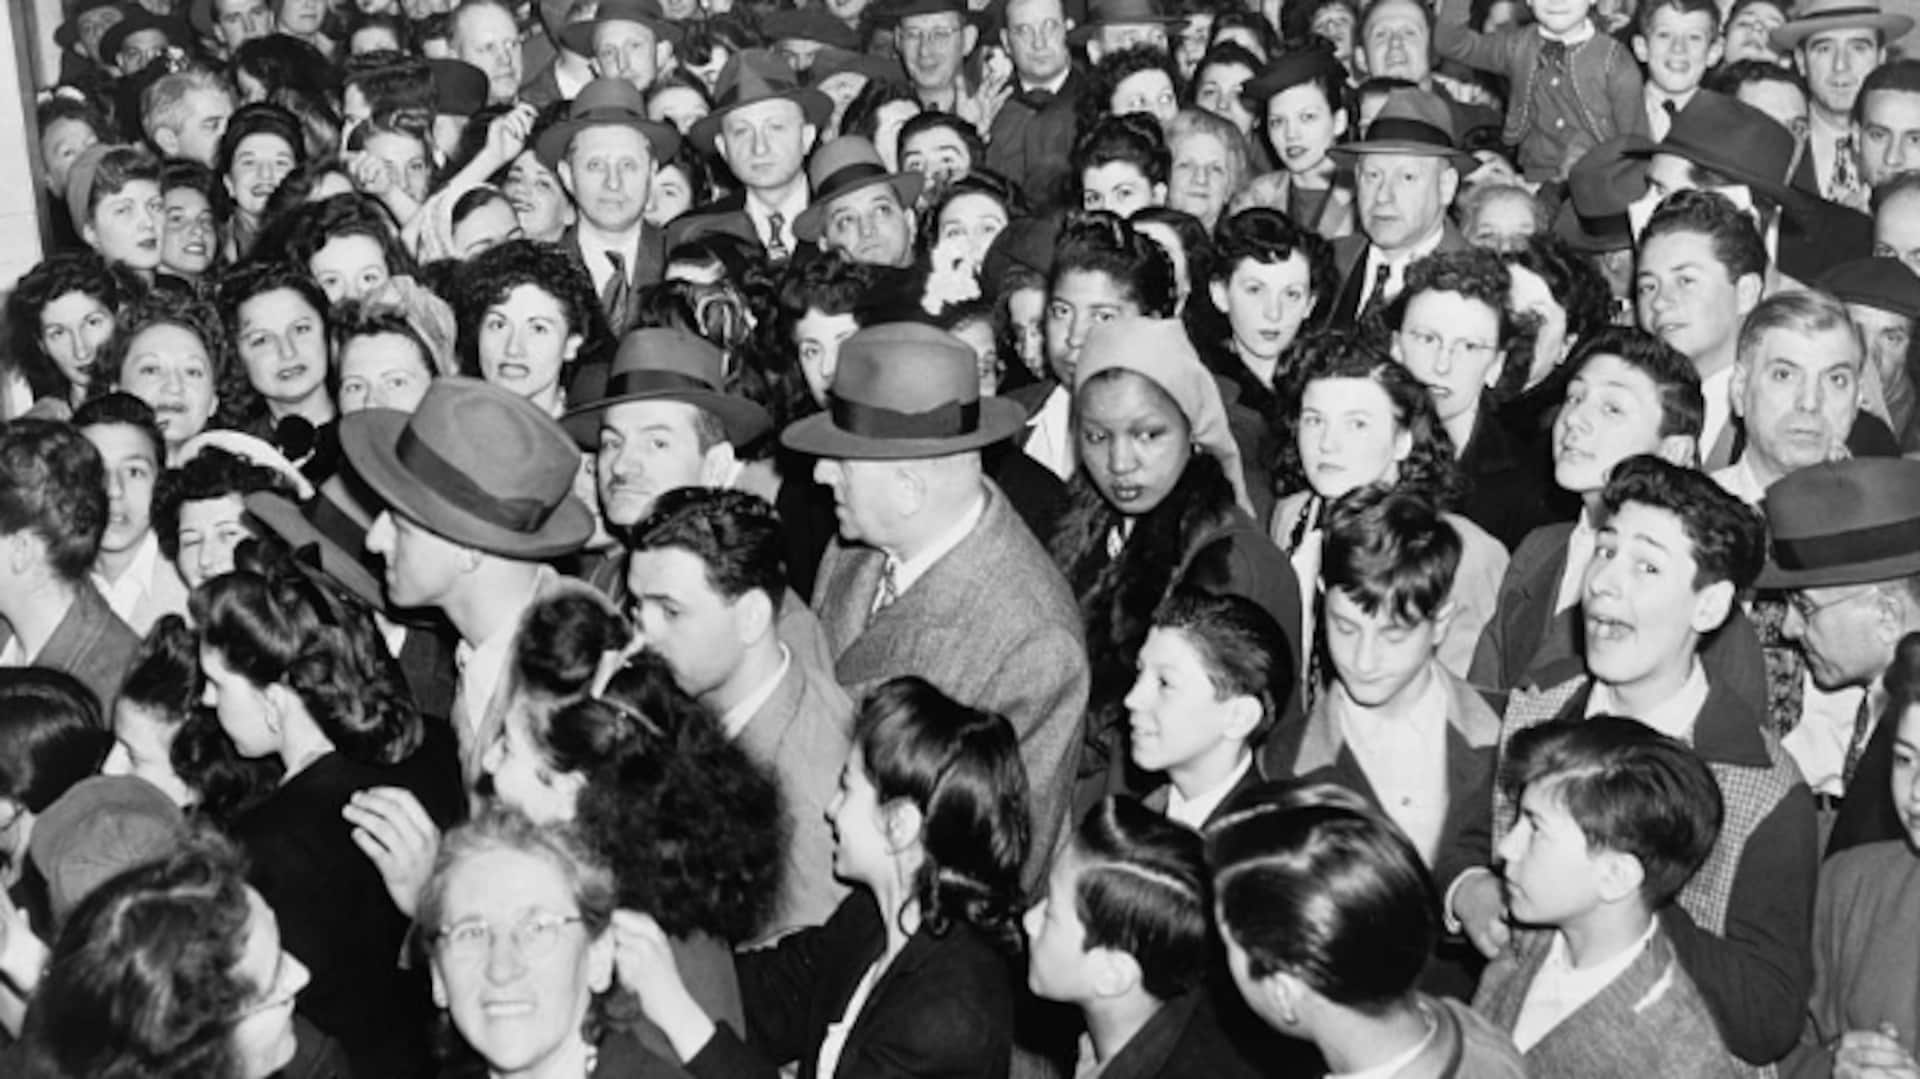 Une foule compacte se presse en vue de recevoir un vaccin. On n'arrive même pas à distinguer la file tellement les gens sont nombreux.